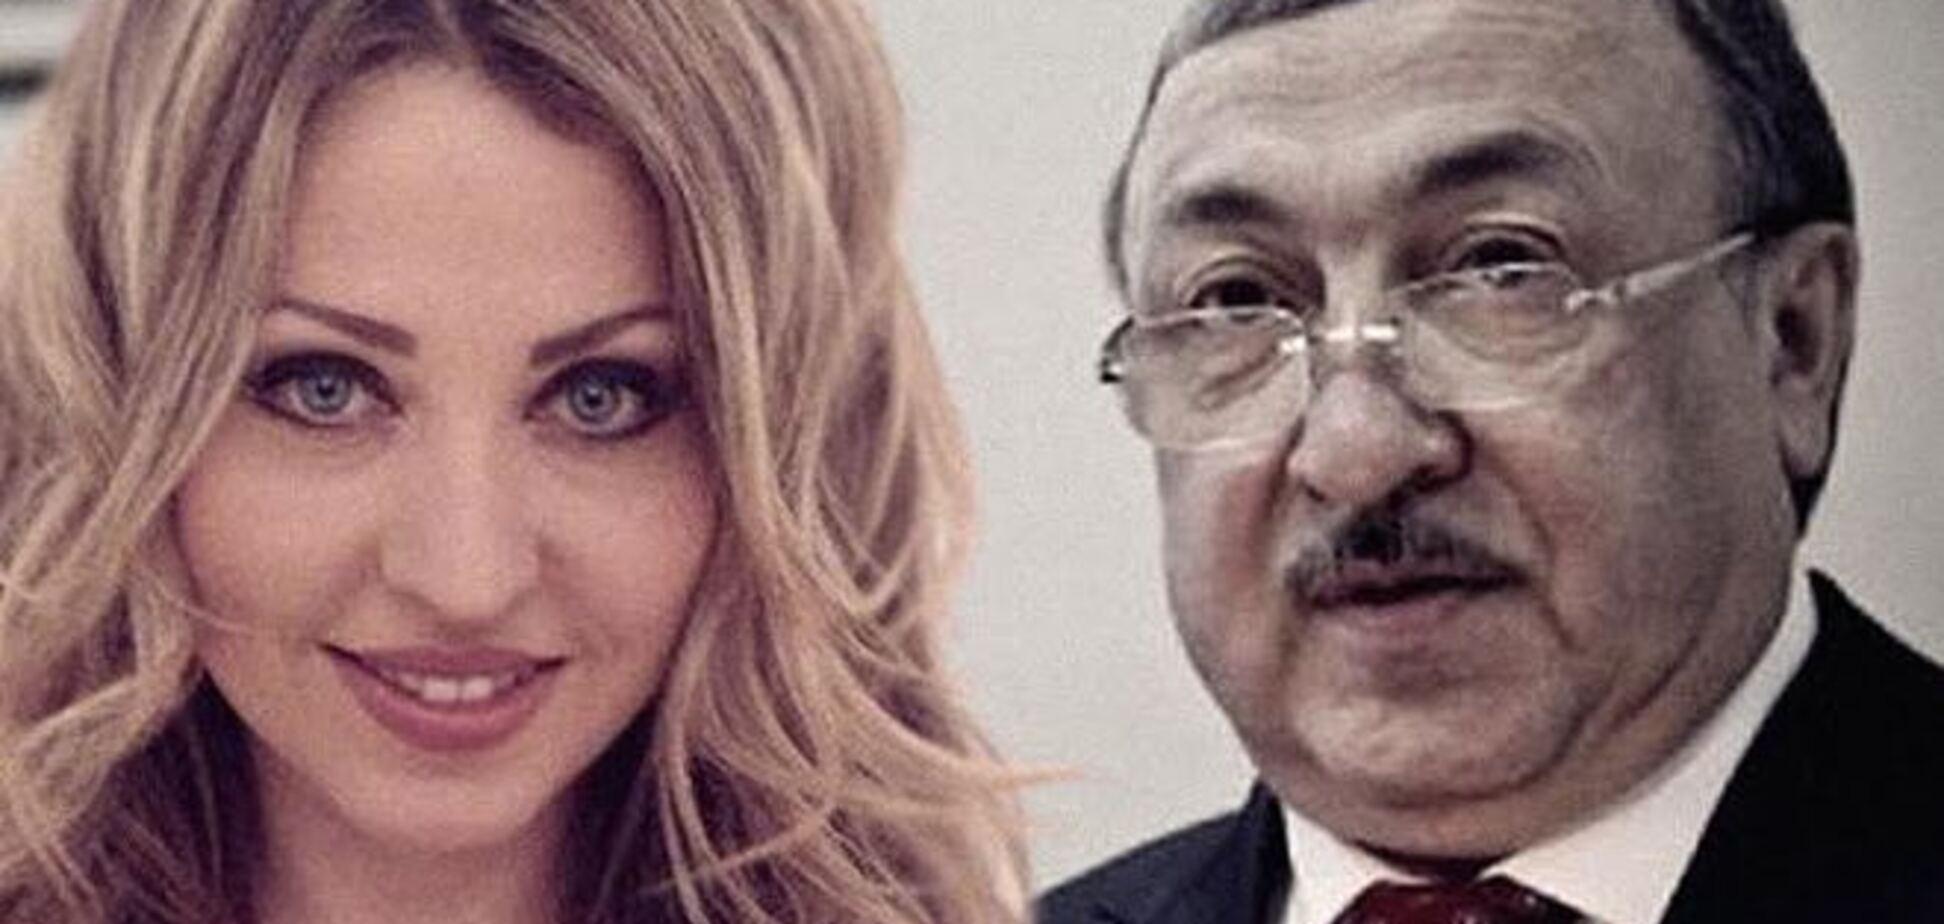 Глава ВХСУ Татьков инвестировал в шоу-бизнес